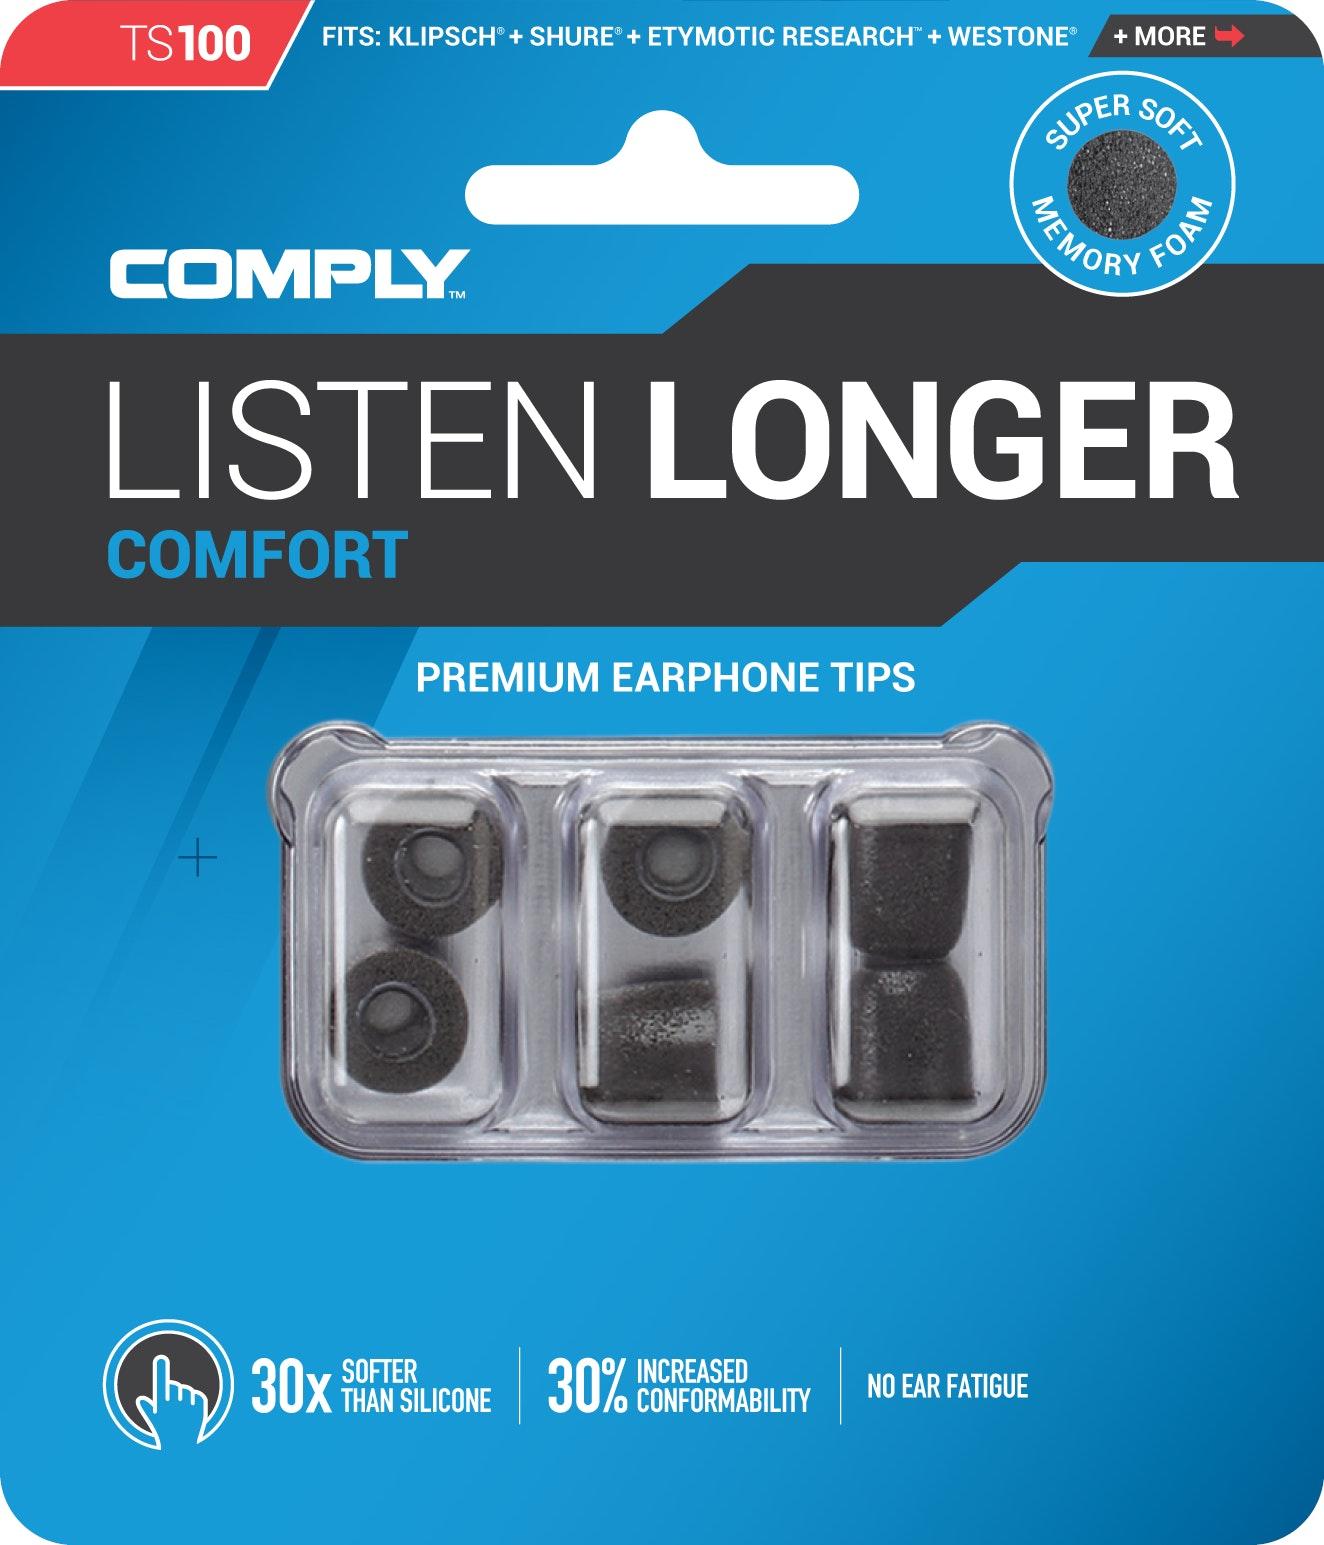 Comfort - TS